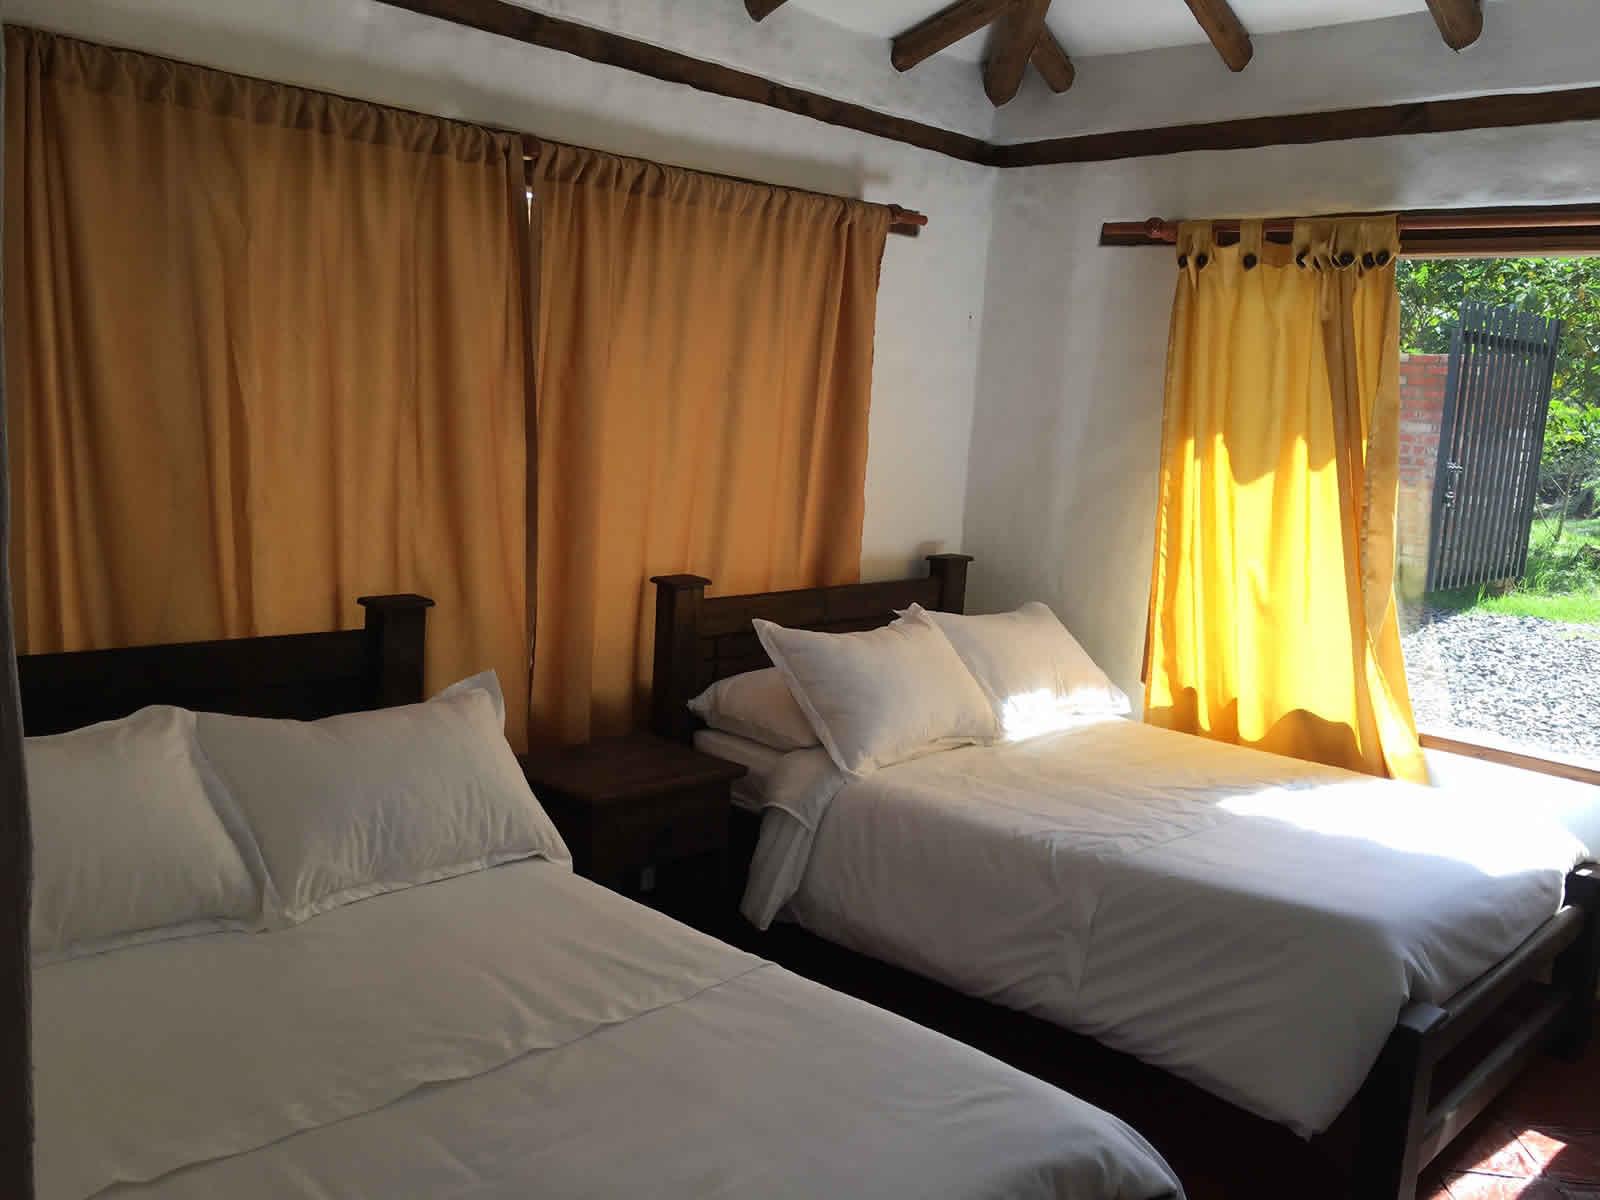 Alquiler cabaña El Paraíso en Villa de Leyva - habitación 3